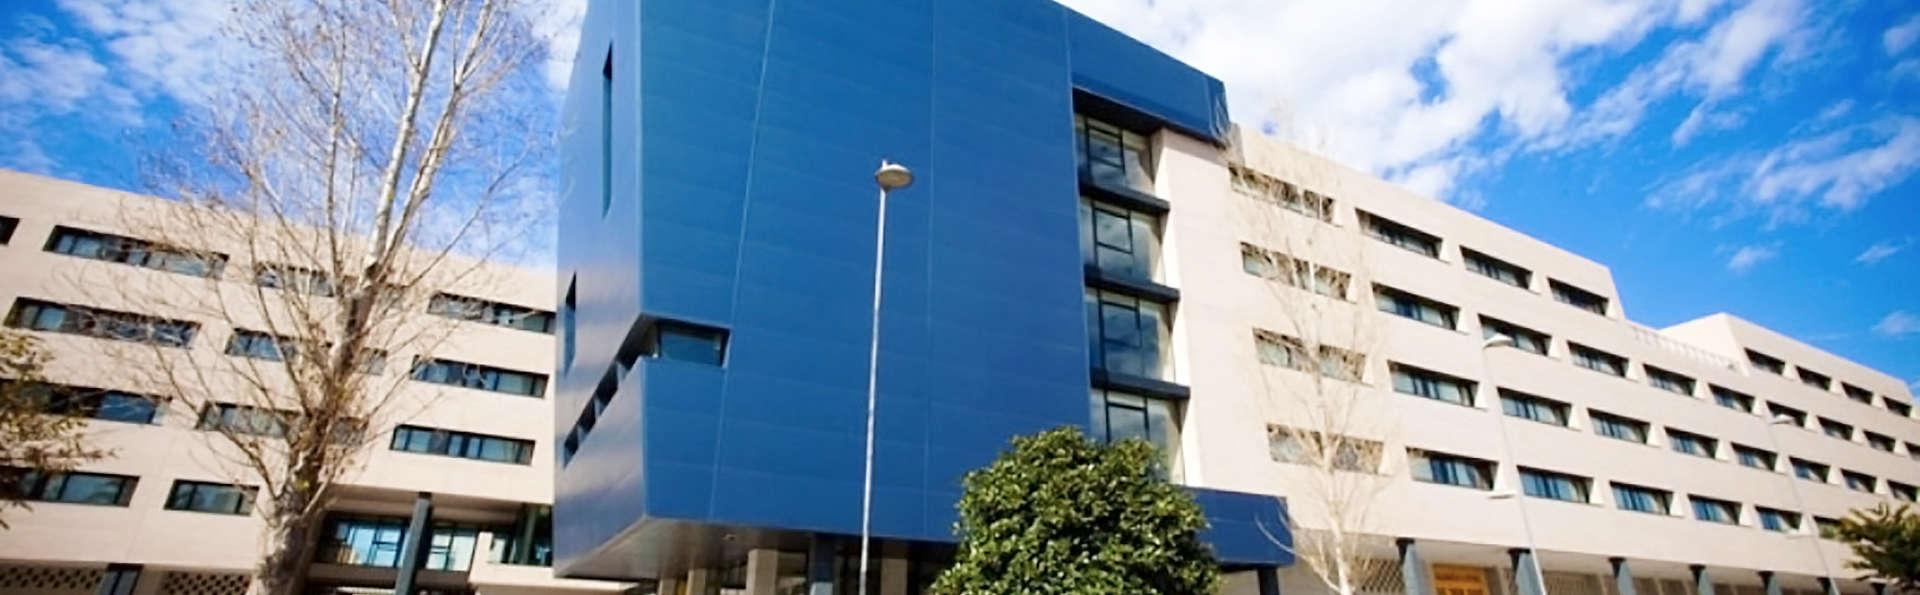 Villa Alojamiento y Congresos - EDIT_1_FACHADA.jpg